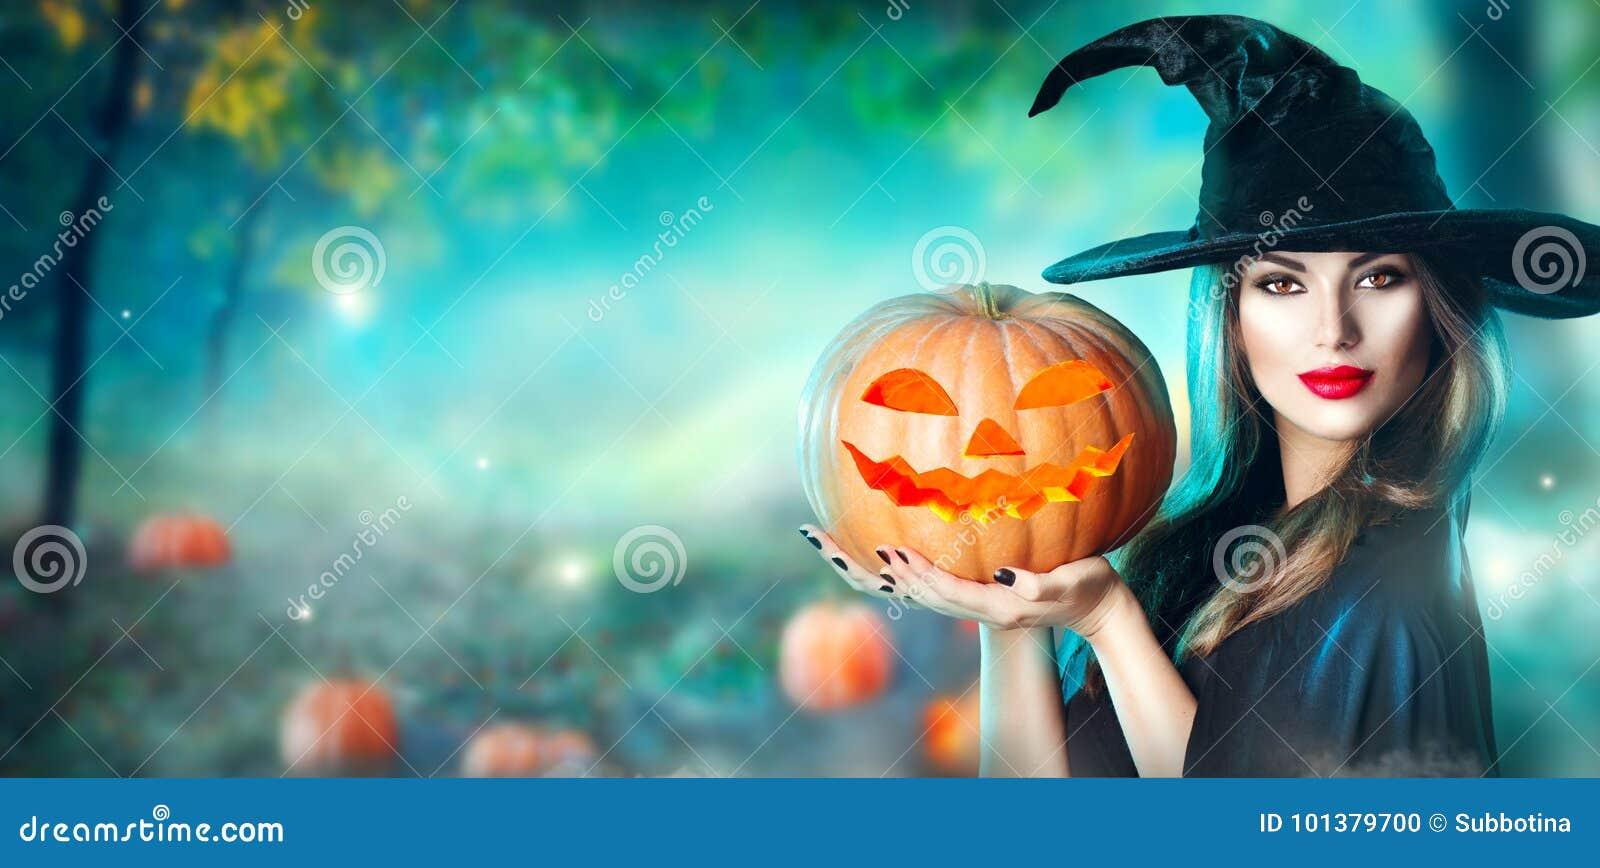 La bruja de Halloween con una calabaza y una magia talladas se enciende en un bosque